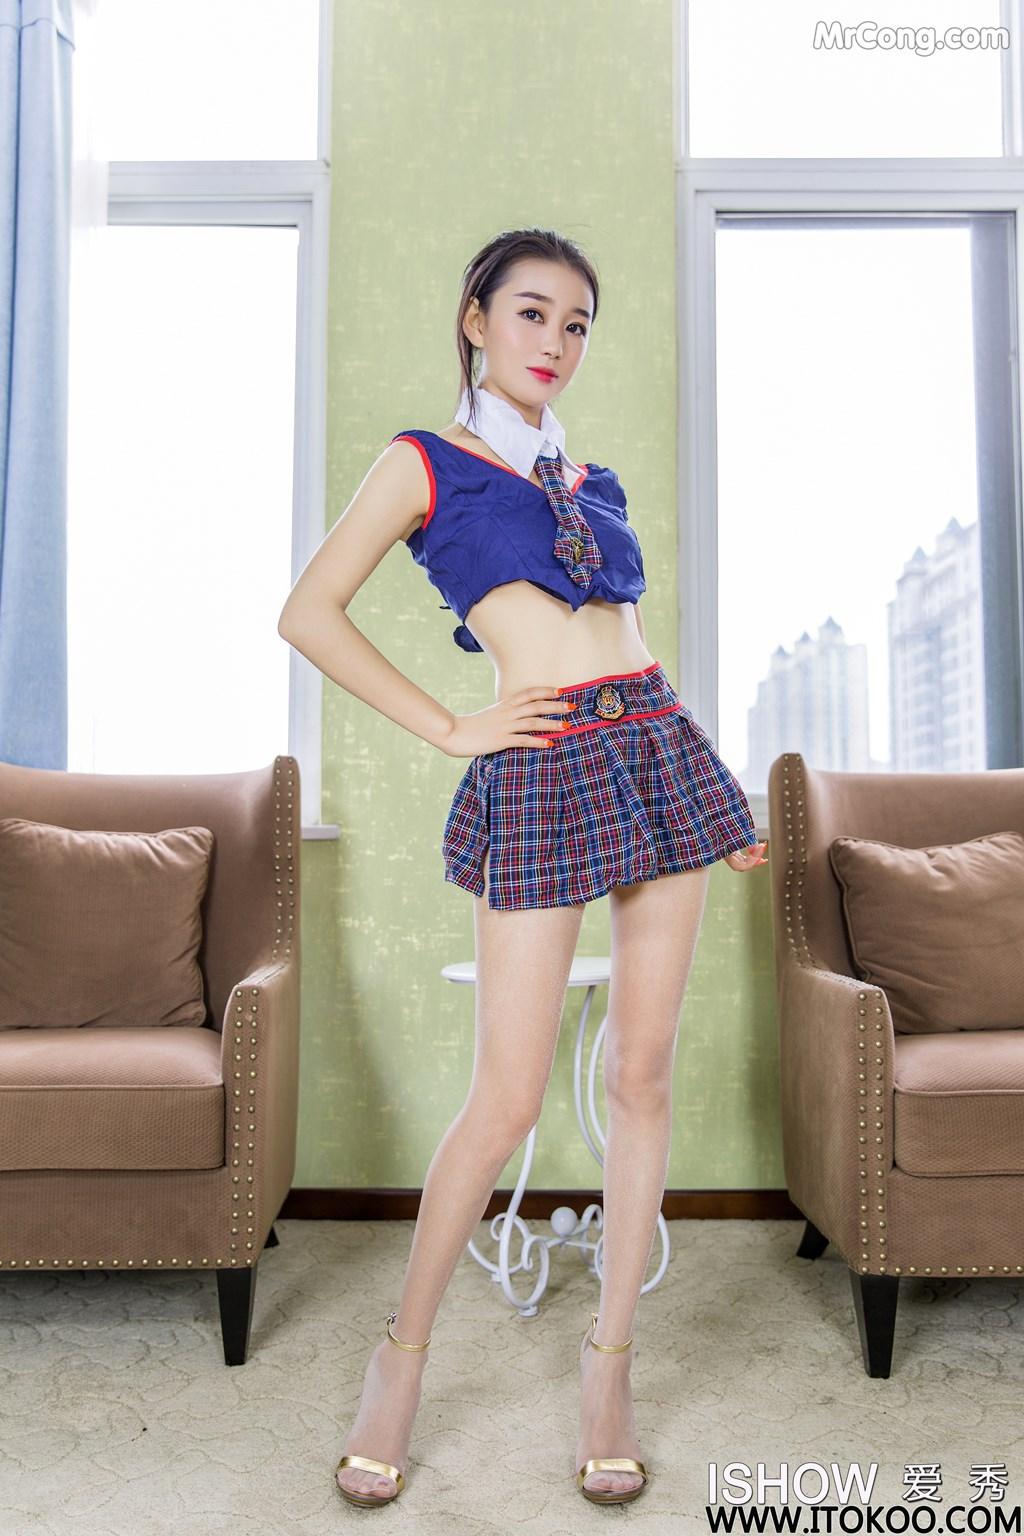 Image ISHOW-No.180-Xiao-Fan-MrCong.com-001 in post ISHOW No.180: Người mẫu Xiao Fan (小凡) (31 ảnh)